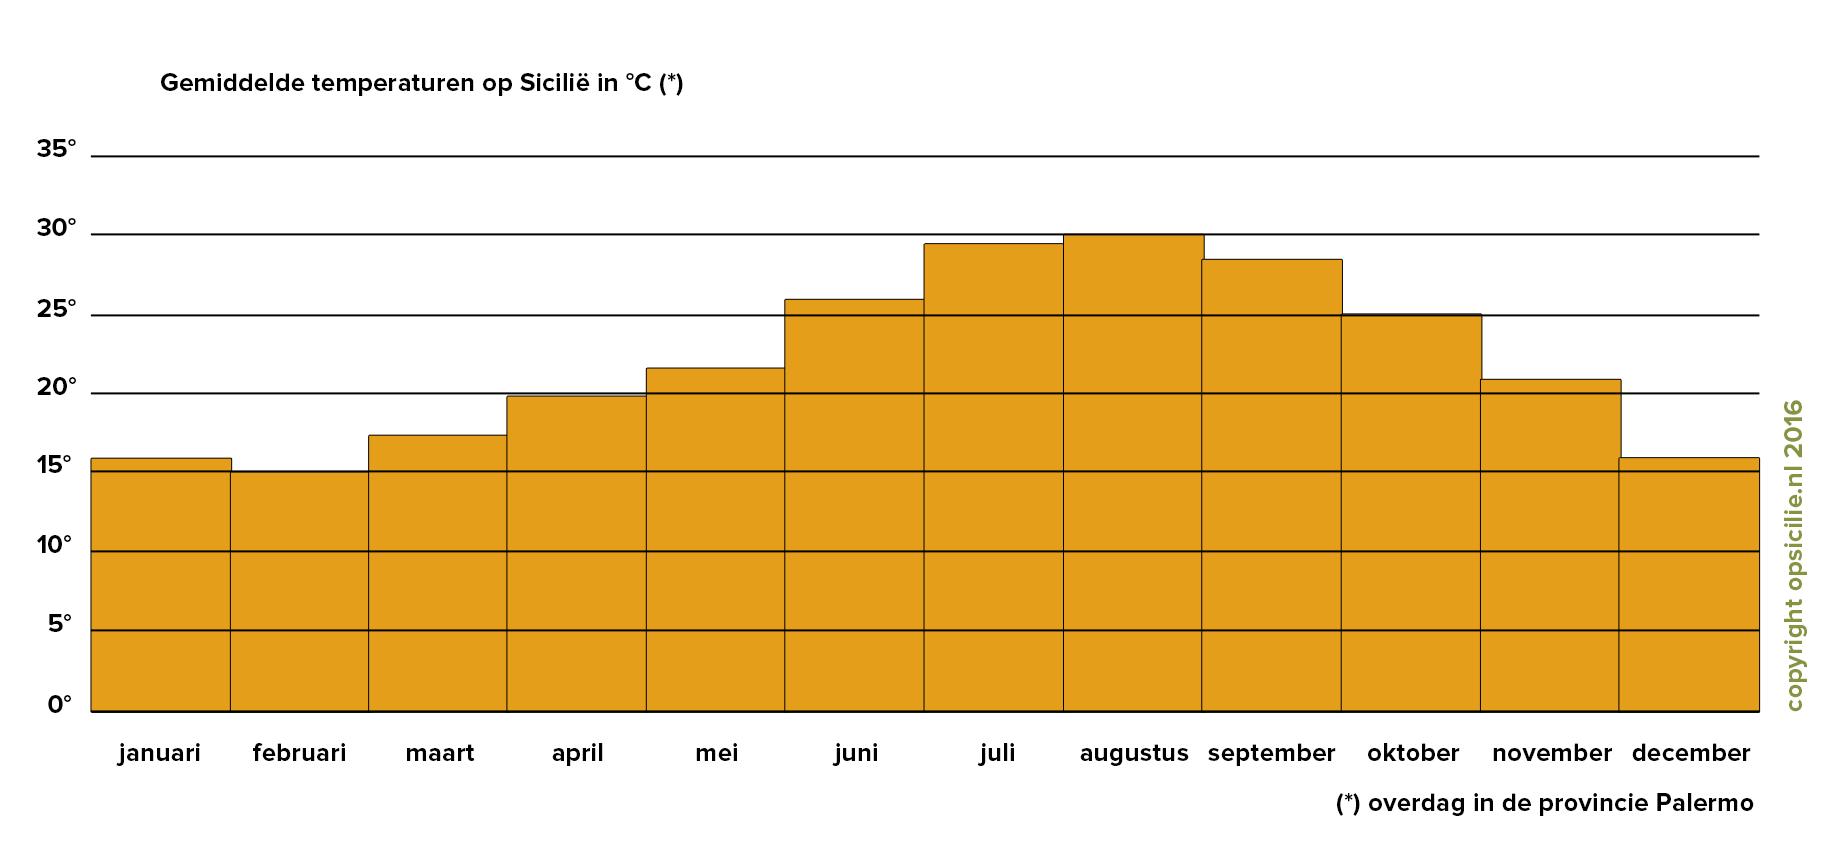 De gemiddelde temperaturen op Sicilië